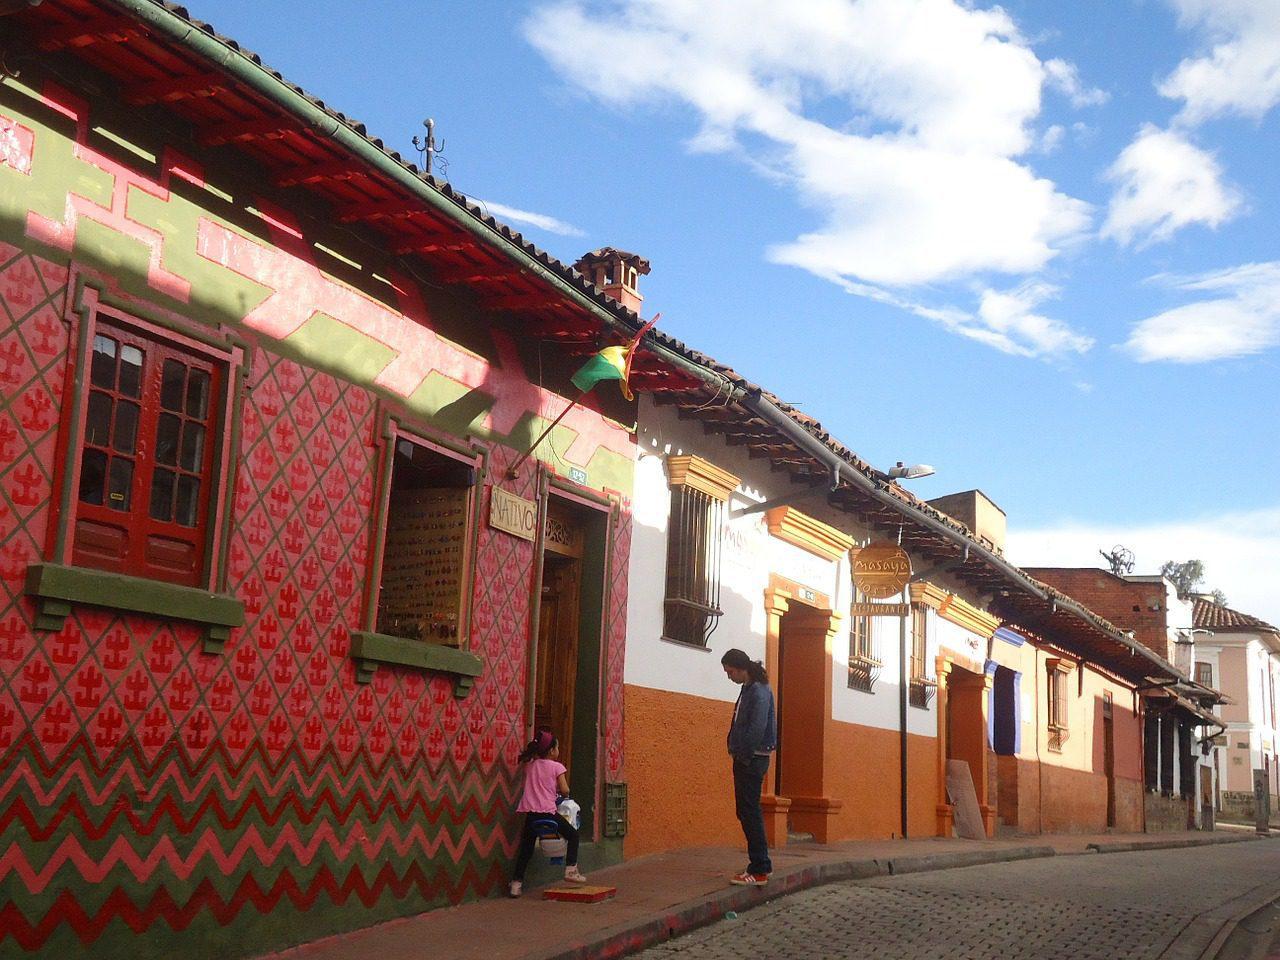 Autres points à considérer avant tout voyage gay sur Bogota